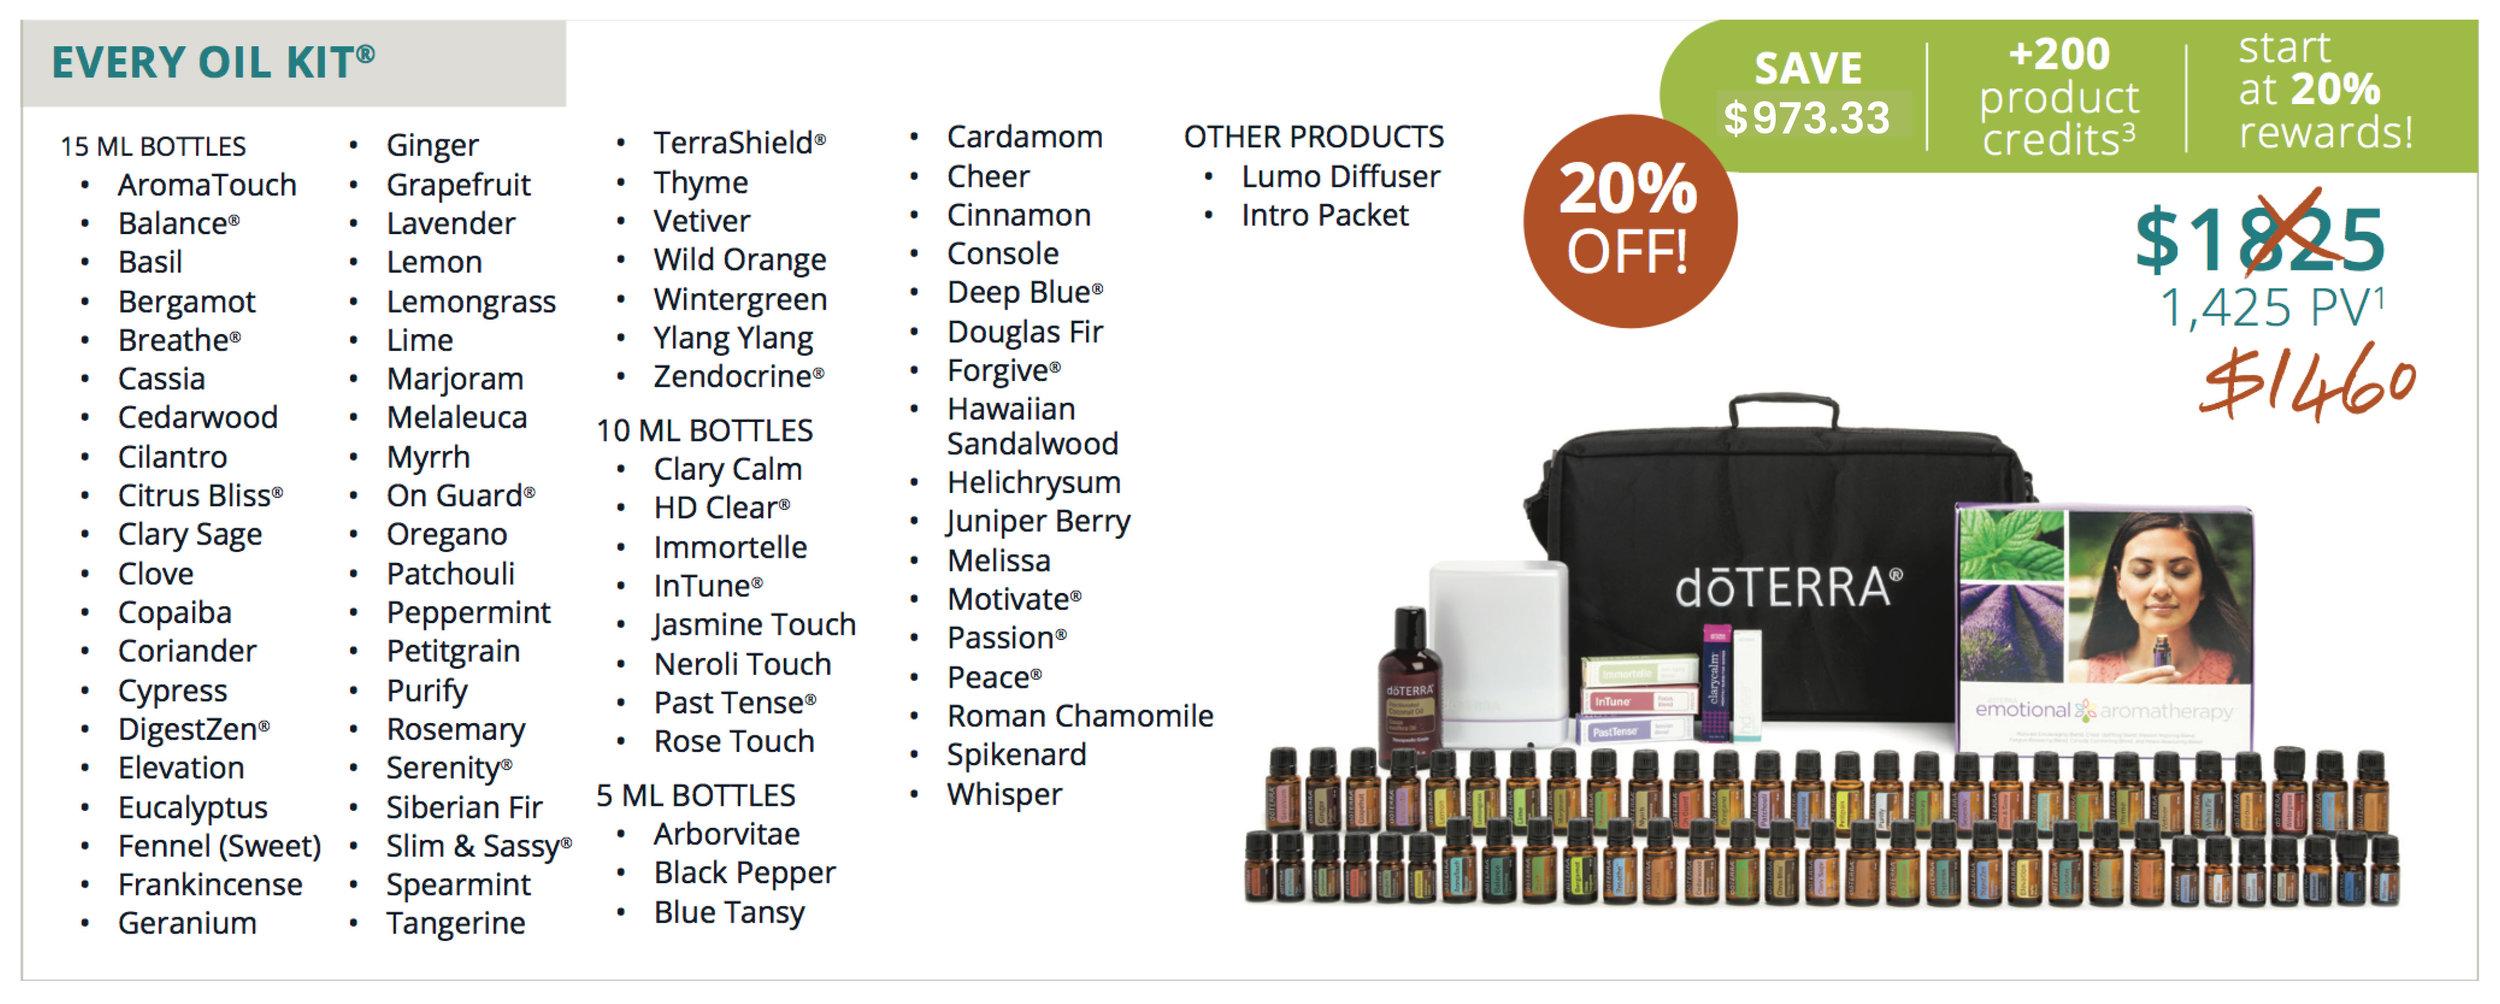 SEPT 20% off Every Oil Kit.jpg